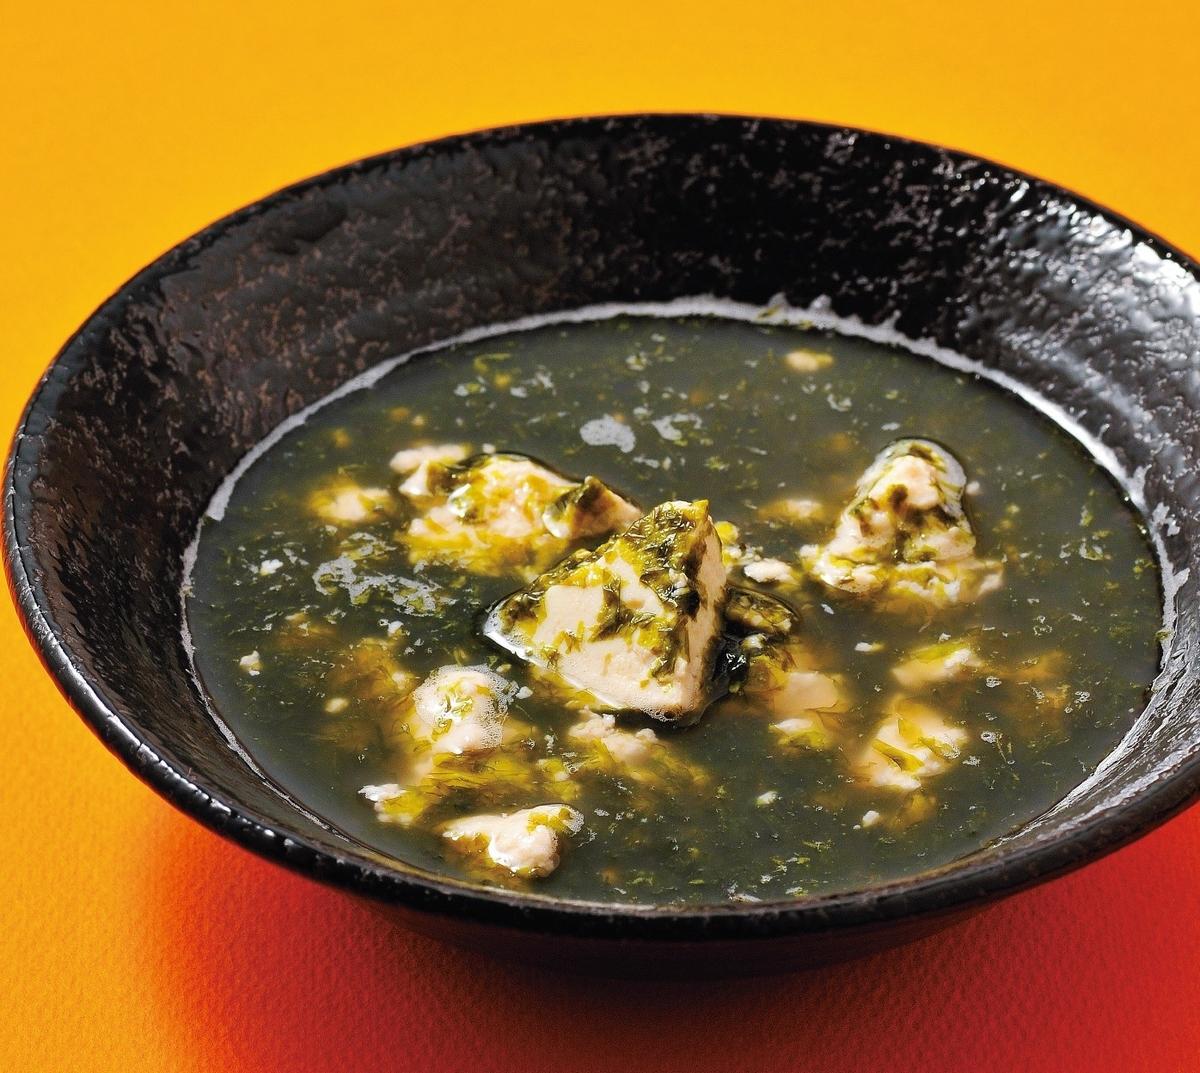 のりとくずし豆腐のスープ